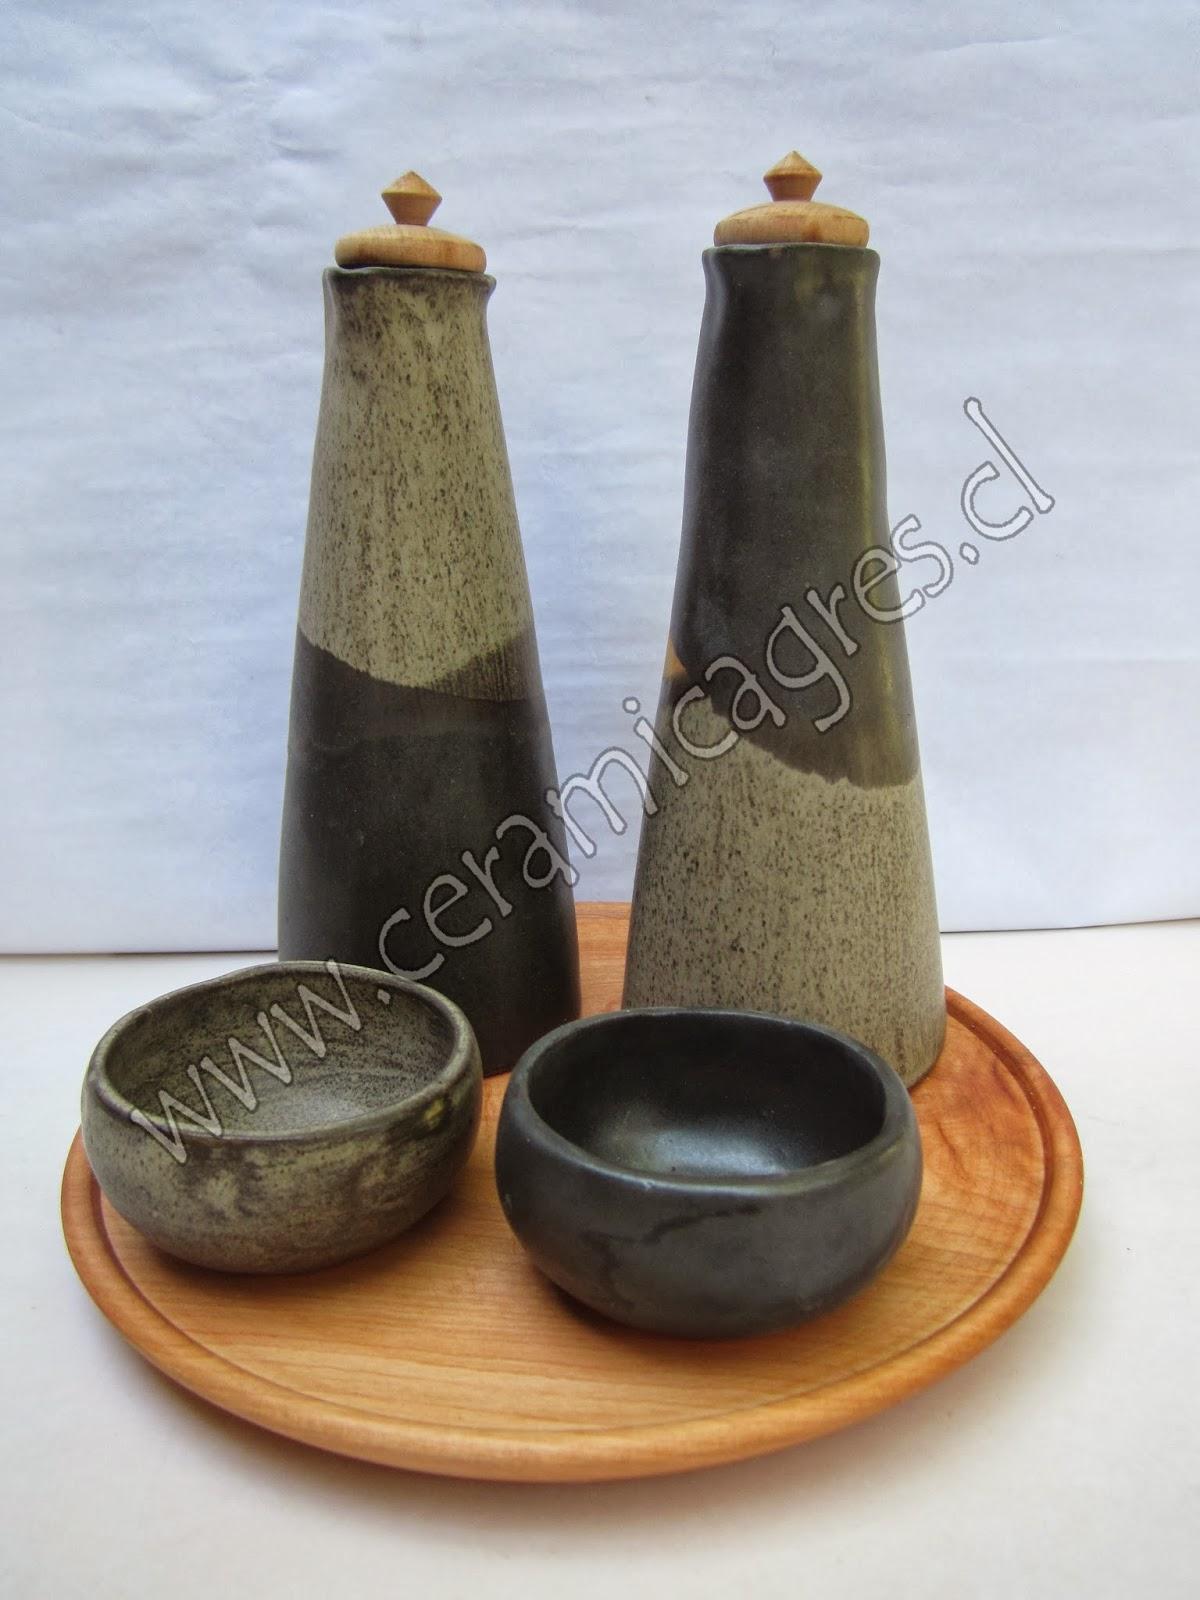 Cer mica gres alcuzas en cer mica gresclases de cer mica for Pasta para ceramica gres